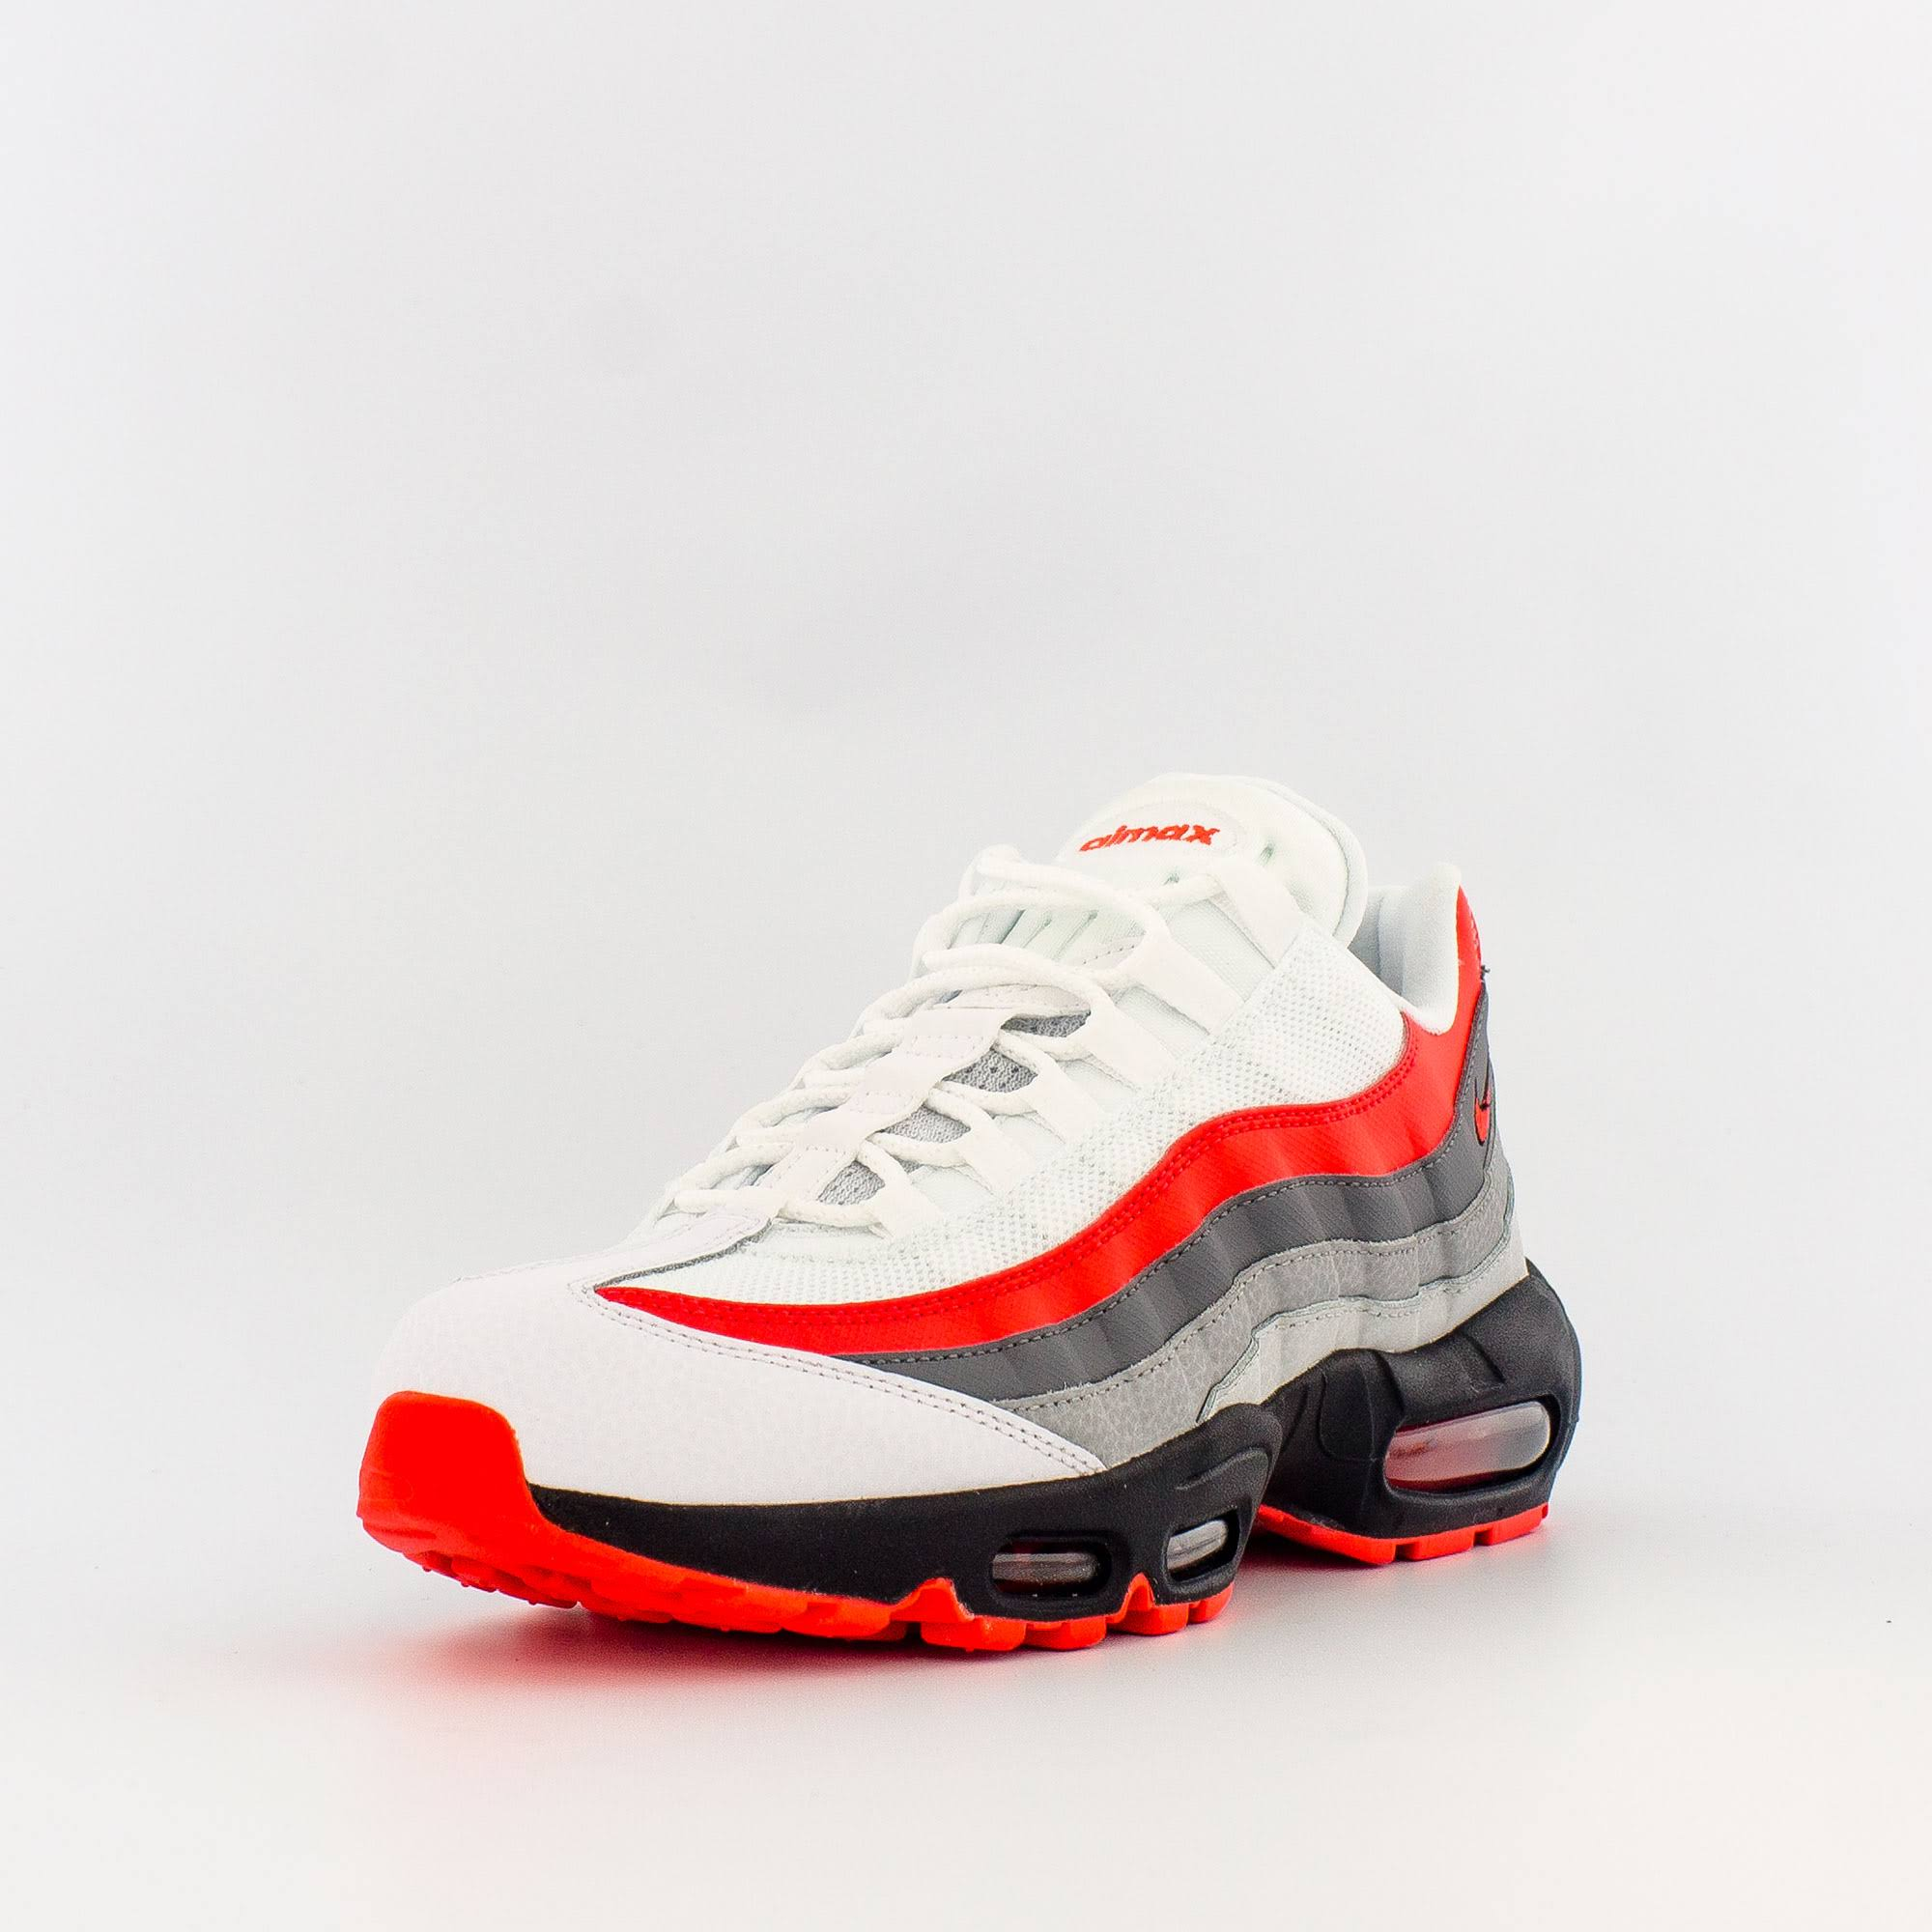 Essential 95 10 Max Air Nike White T1cl3FuKJ5